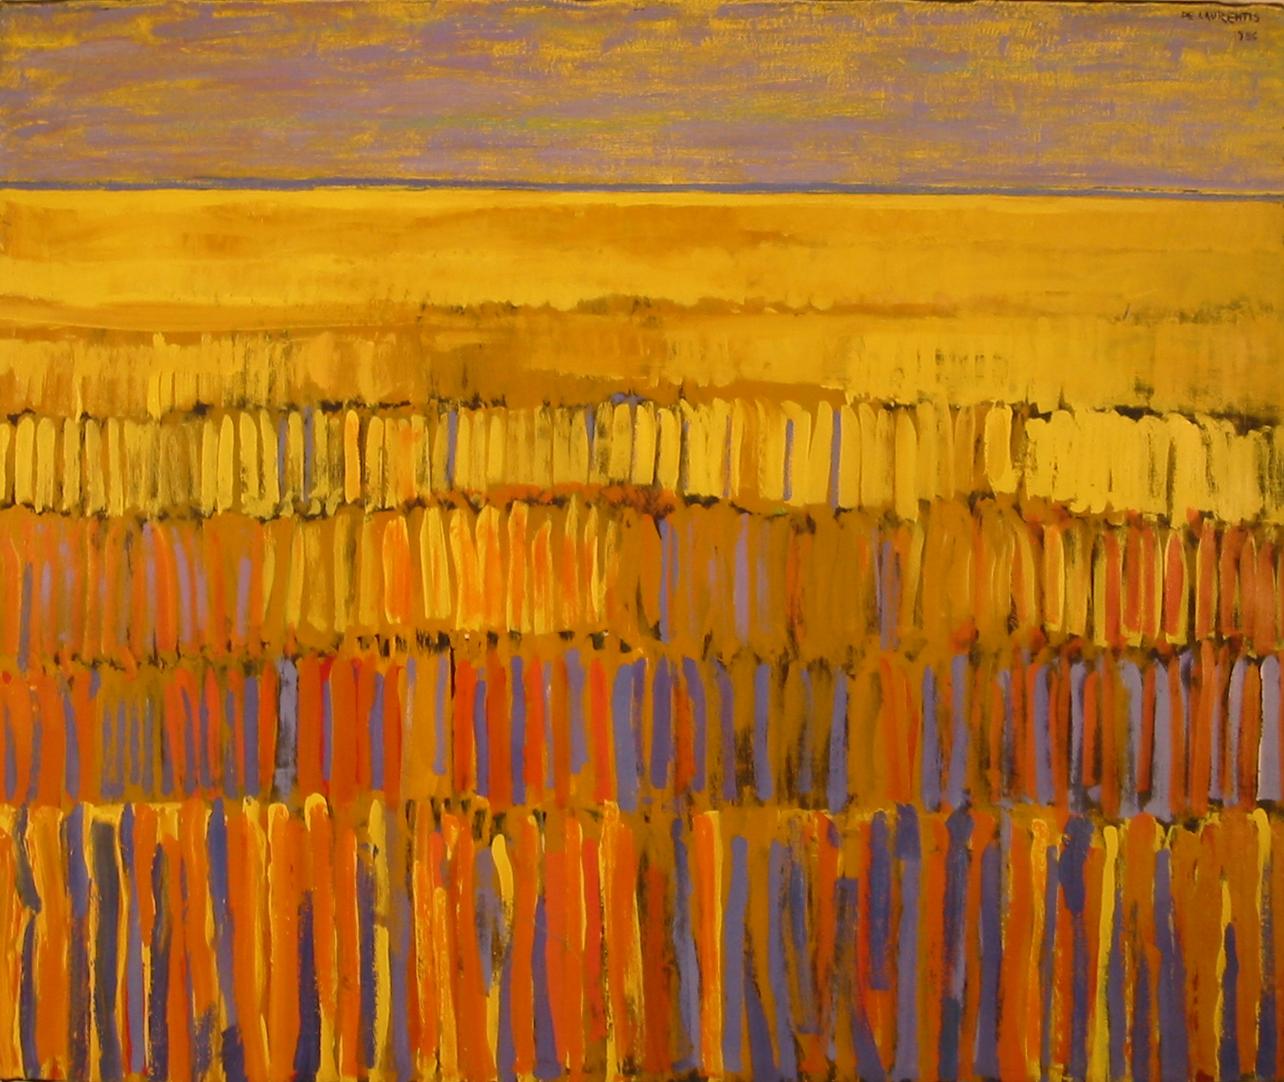 Campo di grano - 1986 - Tempera Acrilica su Tela - 100x120